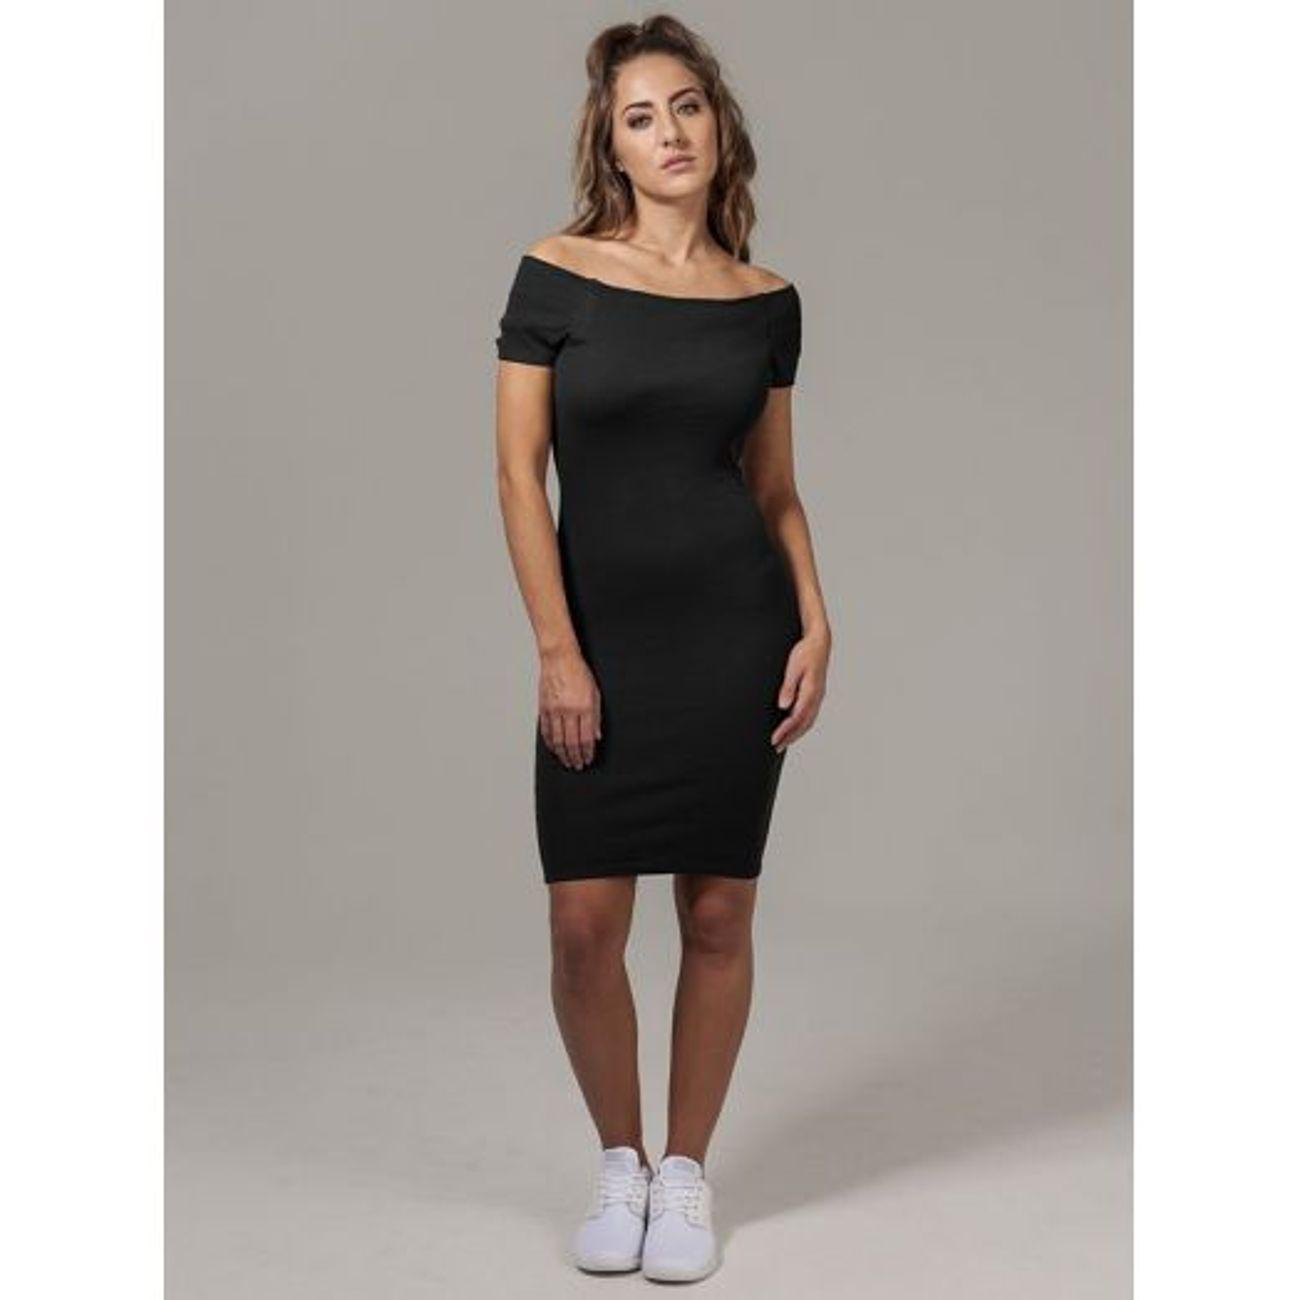 site autorisé Quantité limitée Promotion de ventes Mode- Lifestyle femme URBAN CLASSICS Robe épaule dénudée stretch